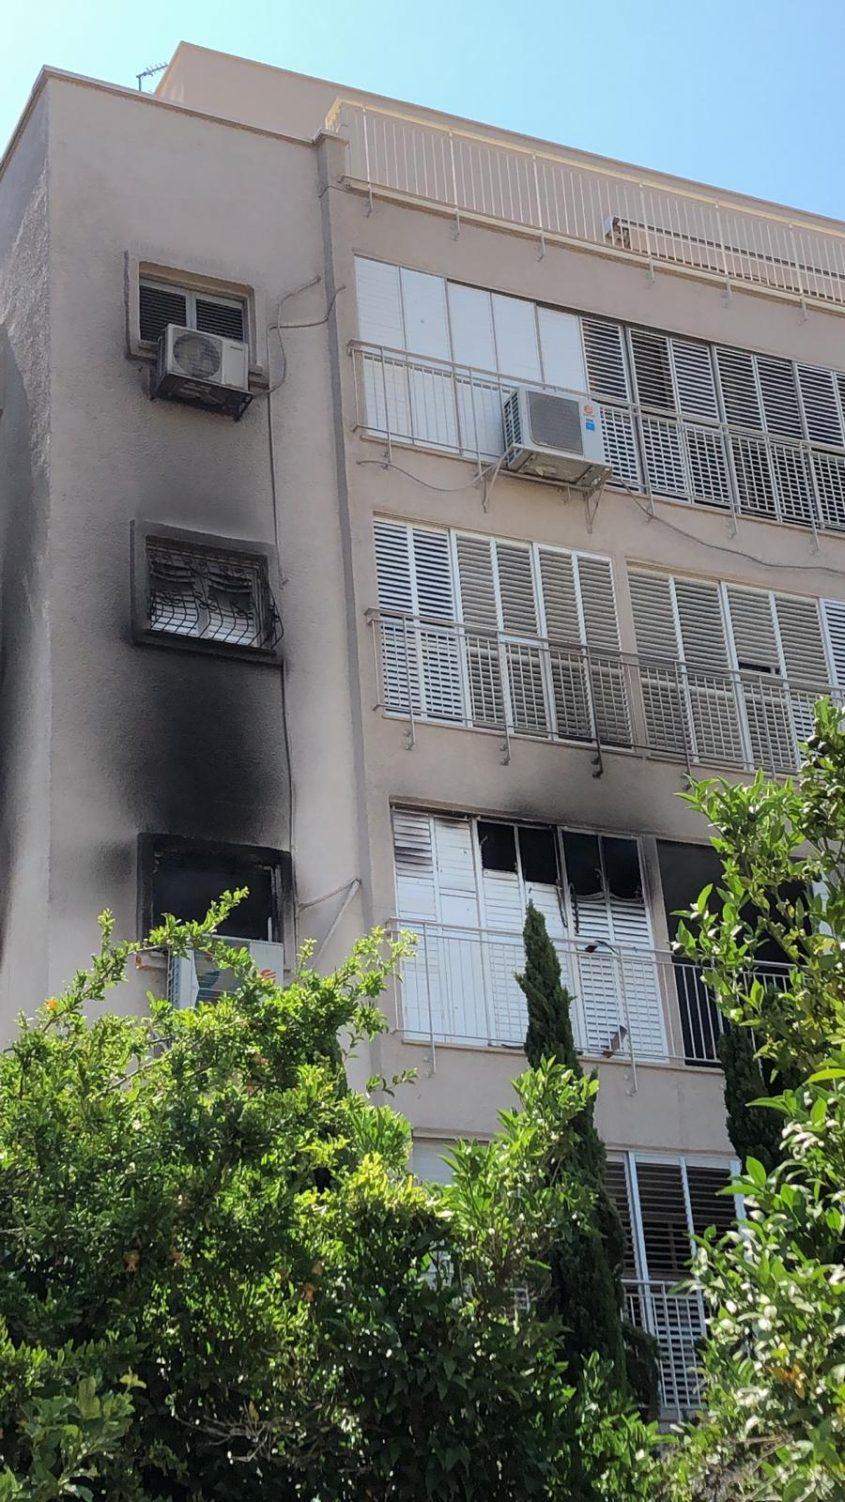 הדירה המפויחת ברחוב בורוכוב לאחר כיבוי האש